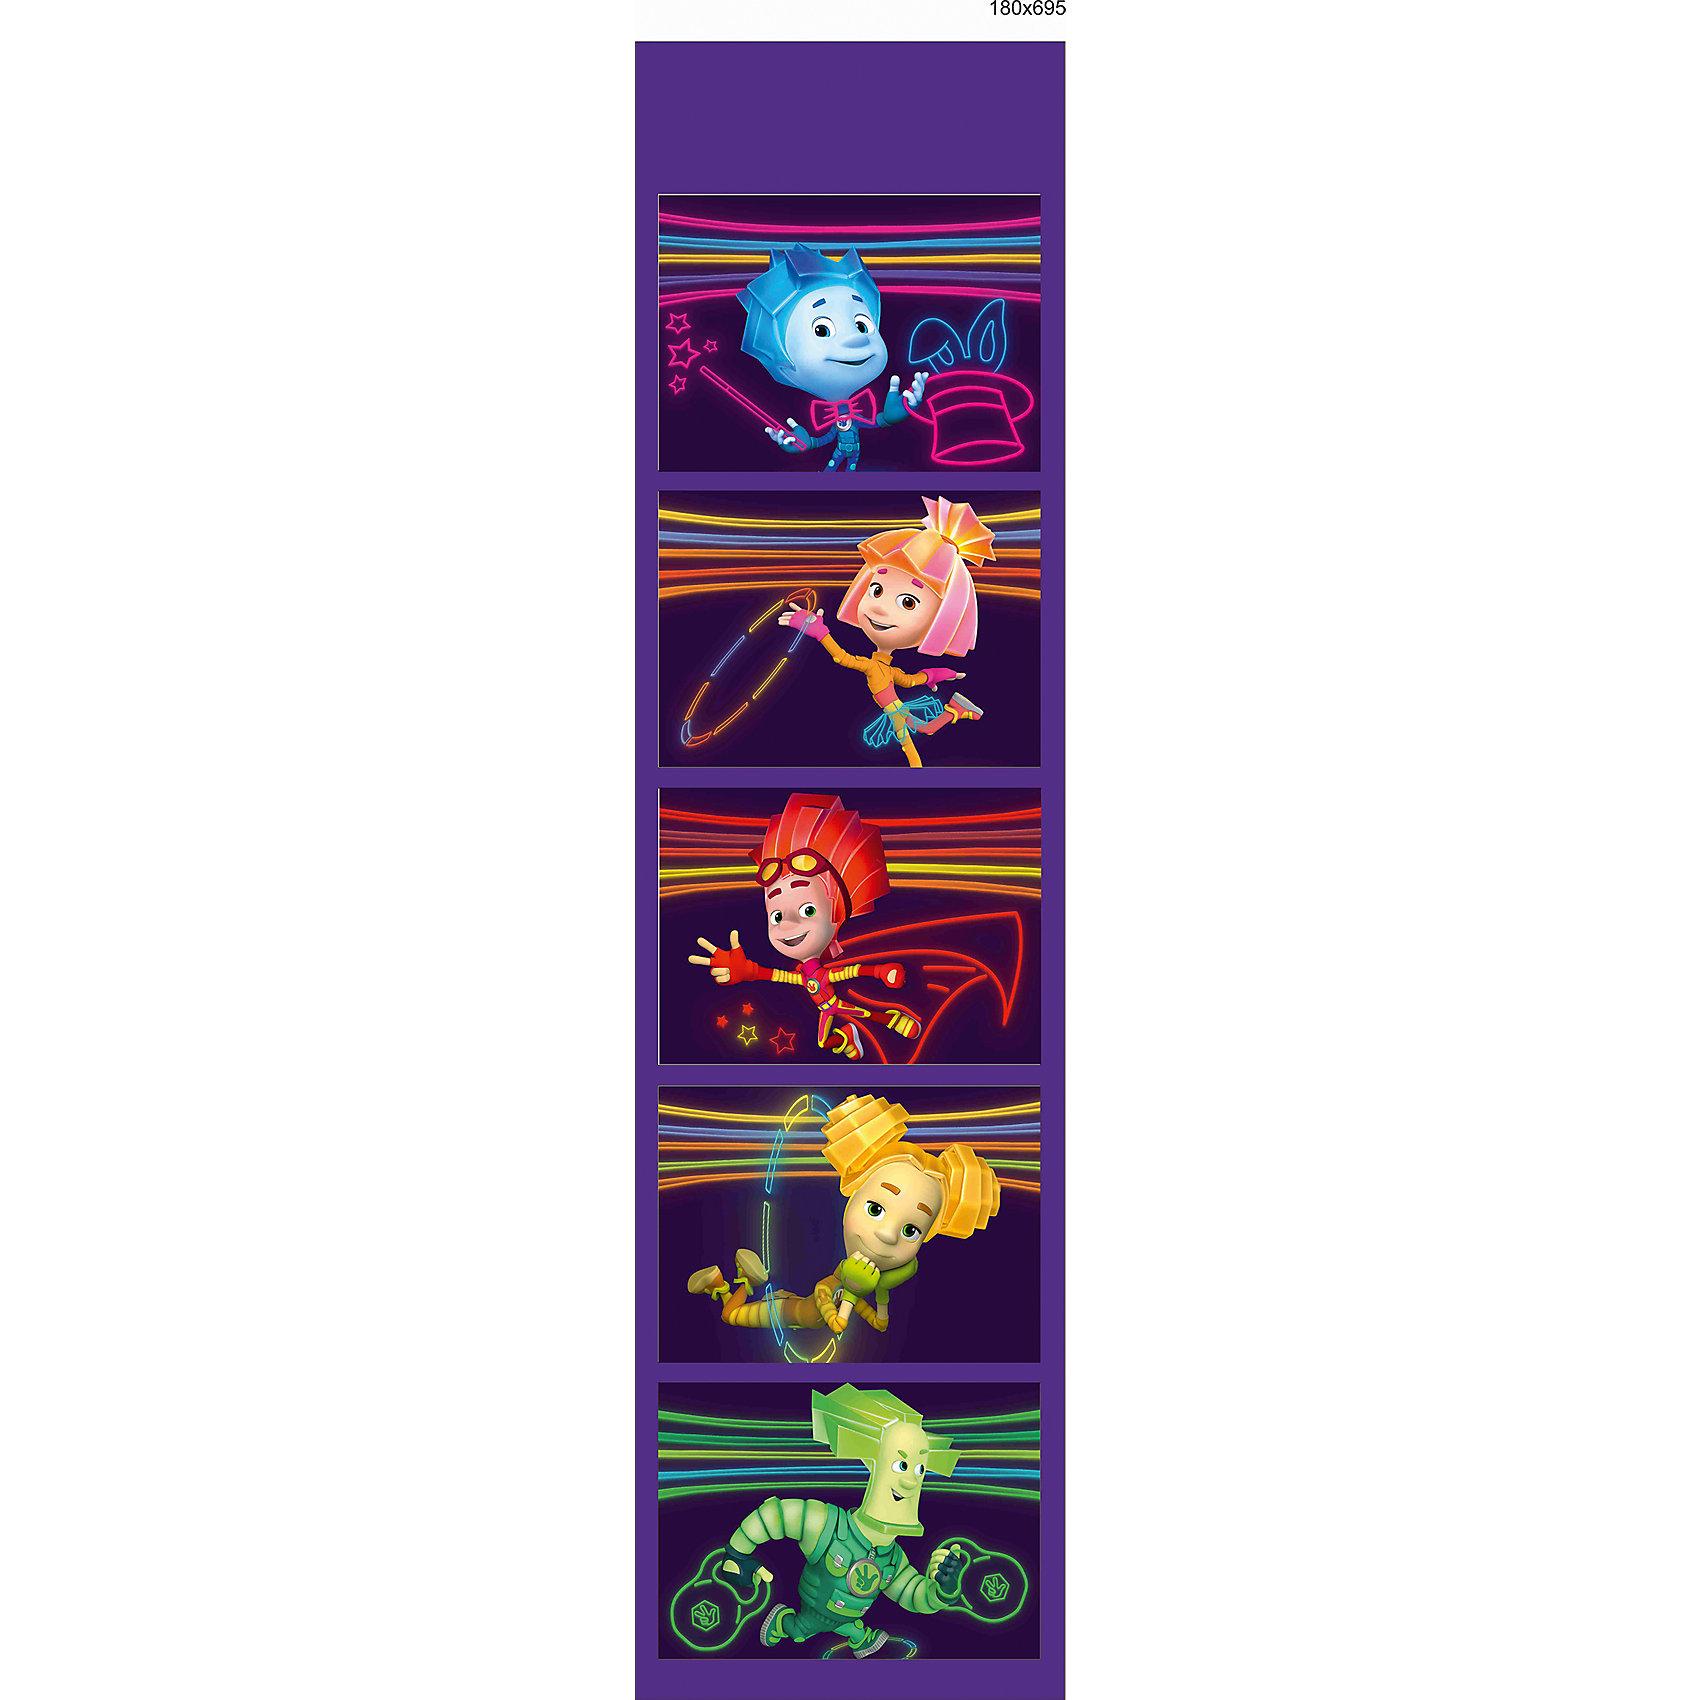 Органайзер подвесной Фиксики, высота 65 смОрганайзер подвесной Фиксики, высота 65 см, Centrum (Центрум)<br><br>Характеристики:<br><br>• 5 вместительных карманов<br>• яркий дизайн с героями мультфильма<br>• высота: 65 см<br>• материал: полиэстер 600 ден<br>• размер кармана: 15х13 см<br>• размер упаковки: 21х30х5 см<br><br>Органайзер - необходимая вещь для каждого ребенка, любящего порядок. Органайзер Фиксики содержит 5 вместительных карманов размеров 15х13 см. На каждом кармане отдельно изображен один из героев мультфильма. Сверху есть специальная ручка, с помощью которой вы сможете повесить органайзер. А изображение любимых мастеров Фиксиков всегда будет радовать ребенка!<br><br>Органайзер подвесной Фиксики, высота 65 см, Centrum (Центрум) вы можете купить в нашем интернет-магазине.<br><br>Ширина мм: 50<br>Глубина мм: 210<br>Высота мм: 300<br>Вес г: 210<br>Возраст от месяцев: 36<br>Возраст до месяцев: 120<br>Пол: Унисекс<br>Возраст: Детский<br>SKU: 5175375